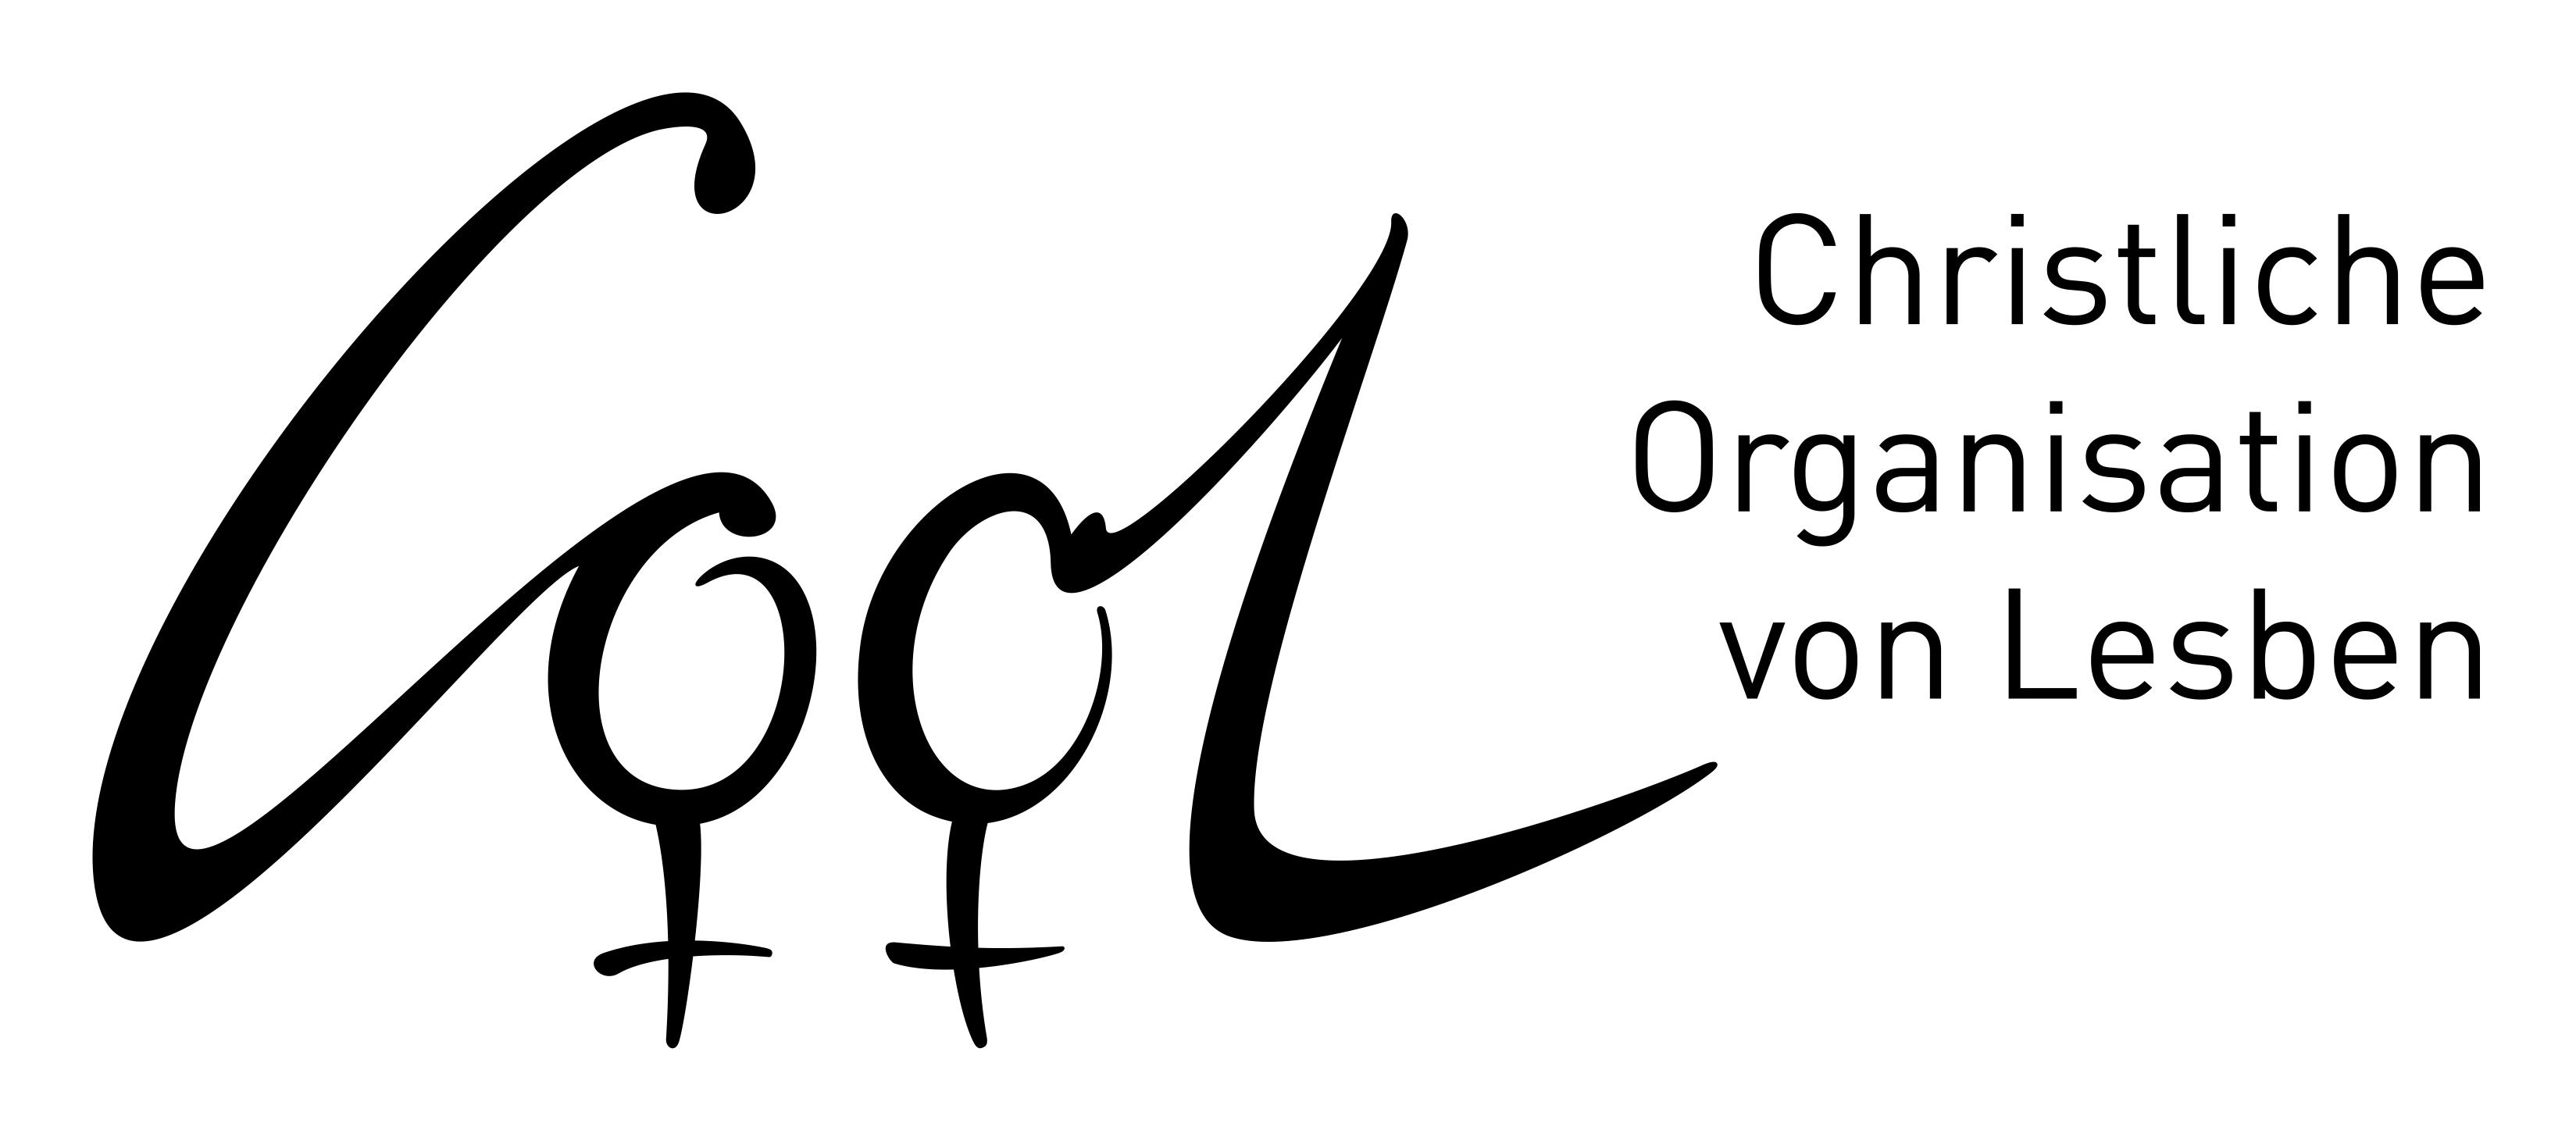 Cool_Logo_Kundendaten-schwarz_RGB